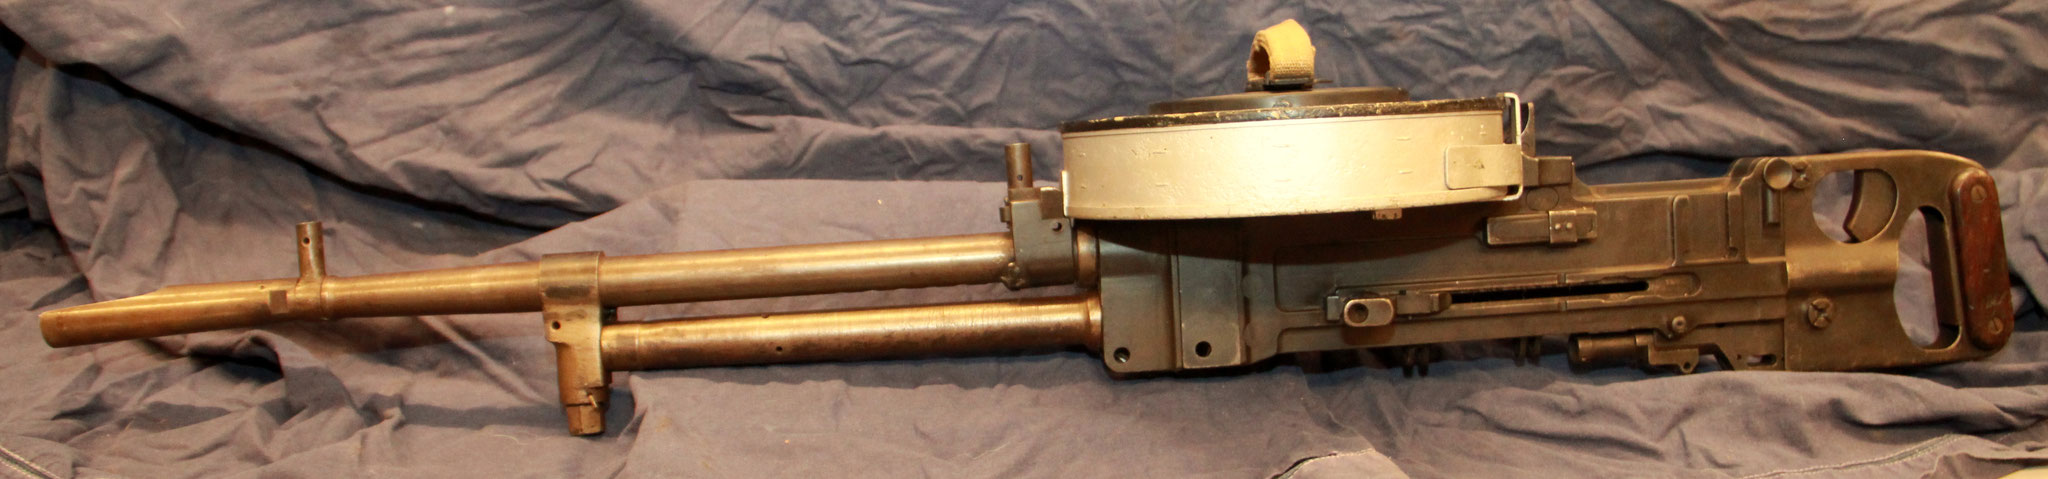 Vickers K. No.: 23807. € 4950,-